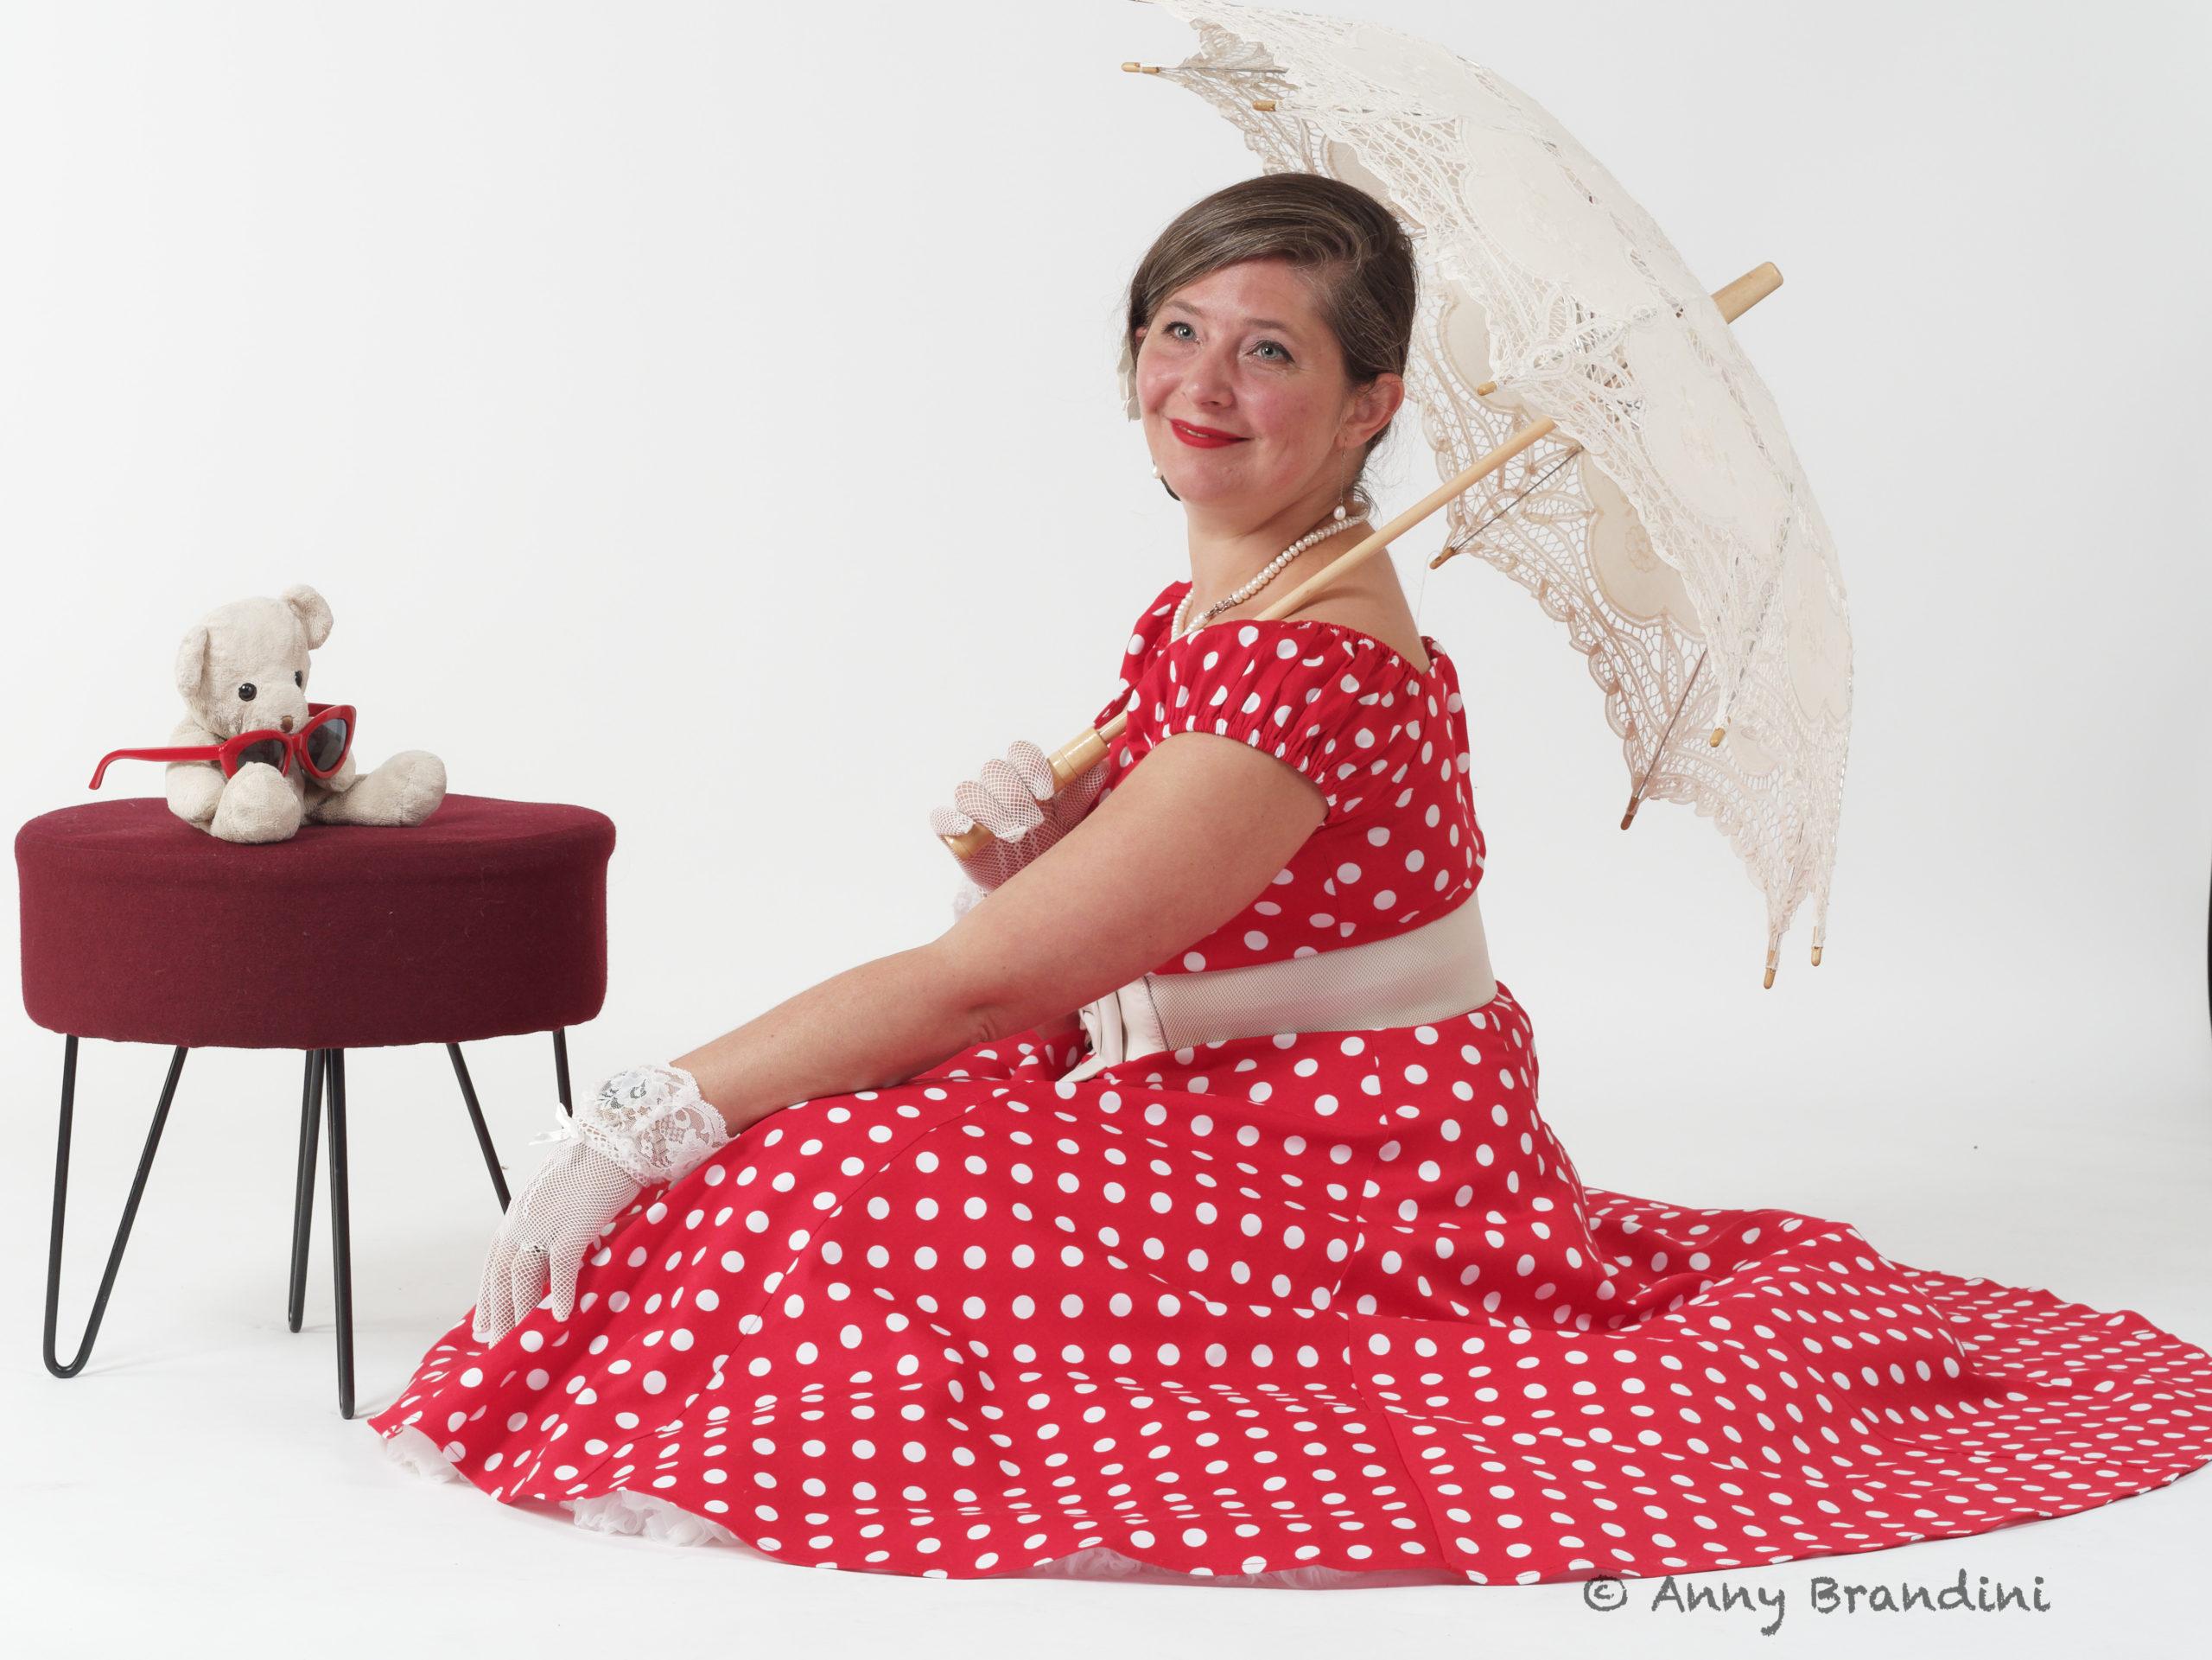 """Ma robe dite """"Minnie"""" de la Marque Collectif. Boutique 413 Burnhaupt. Accessoires : Doudou sans nom, ombrelle. Pose de Cendrine Miesch dite LaPtiteAlsacienne. Photo d'Anny Brandini. Stage de Portrait au Studio Jean Paul à Guebwiller"""